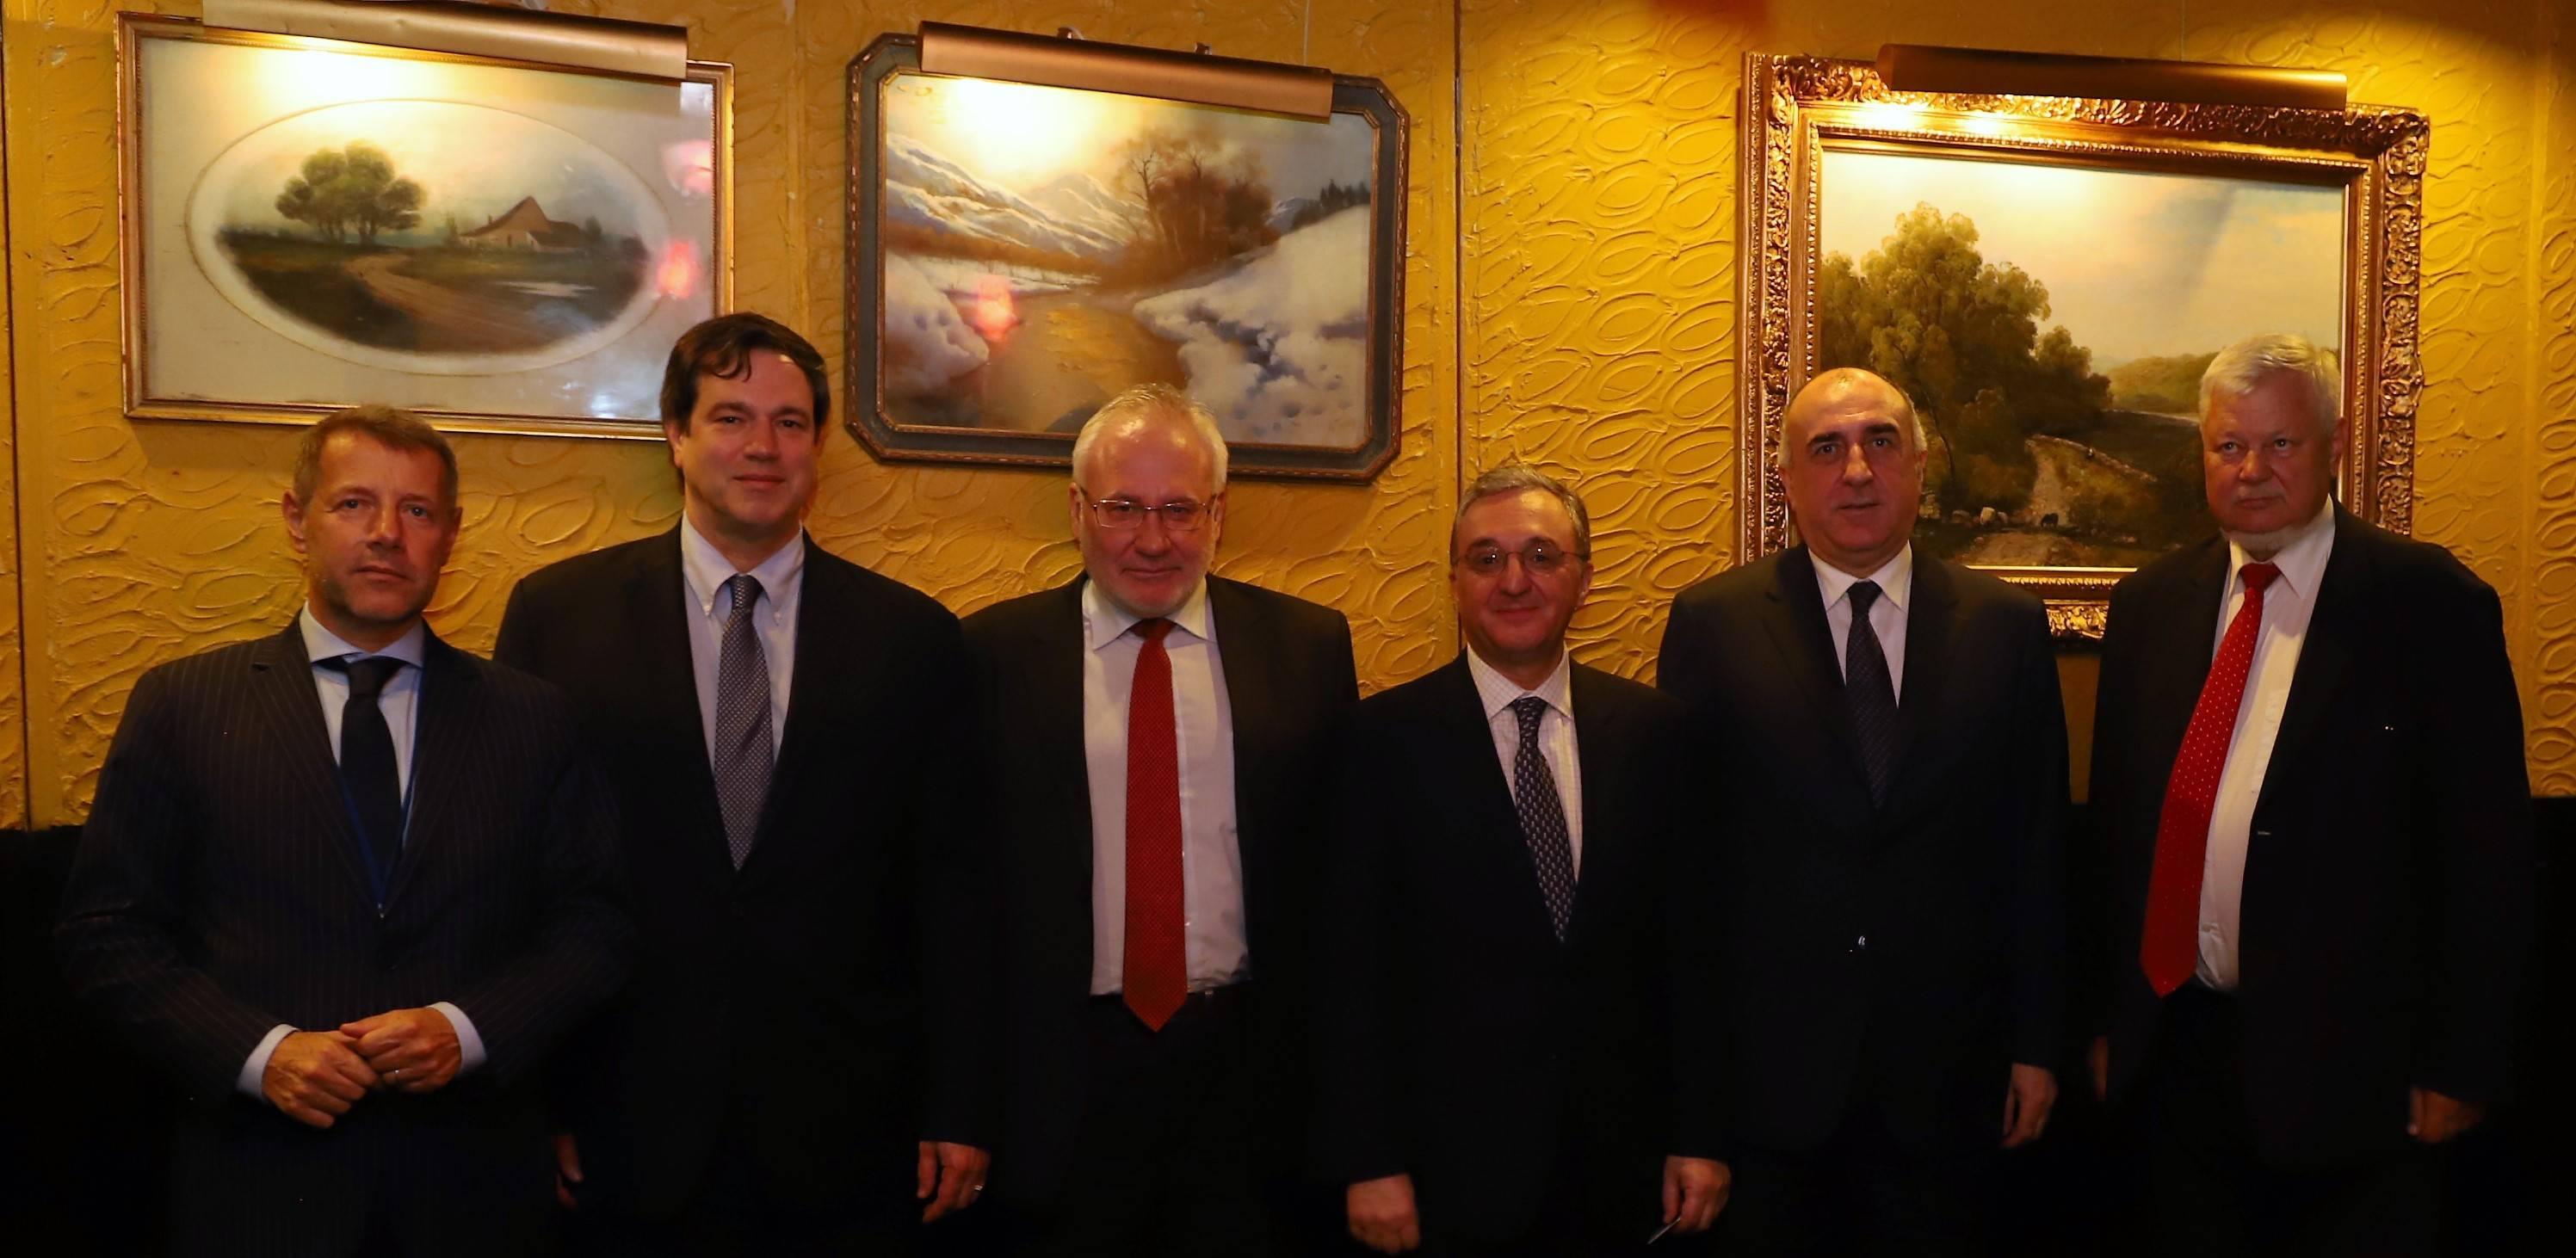 Հայաստանի և Ադրբեջանի արտաքին գործերի նախարարների հանդիպումը